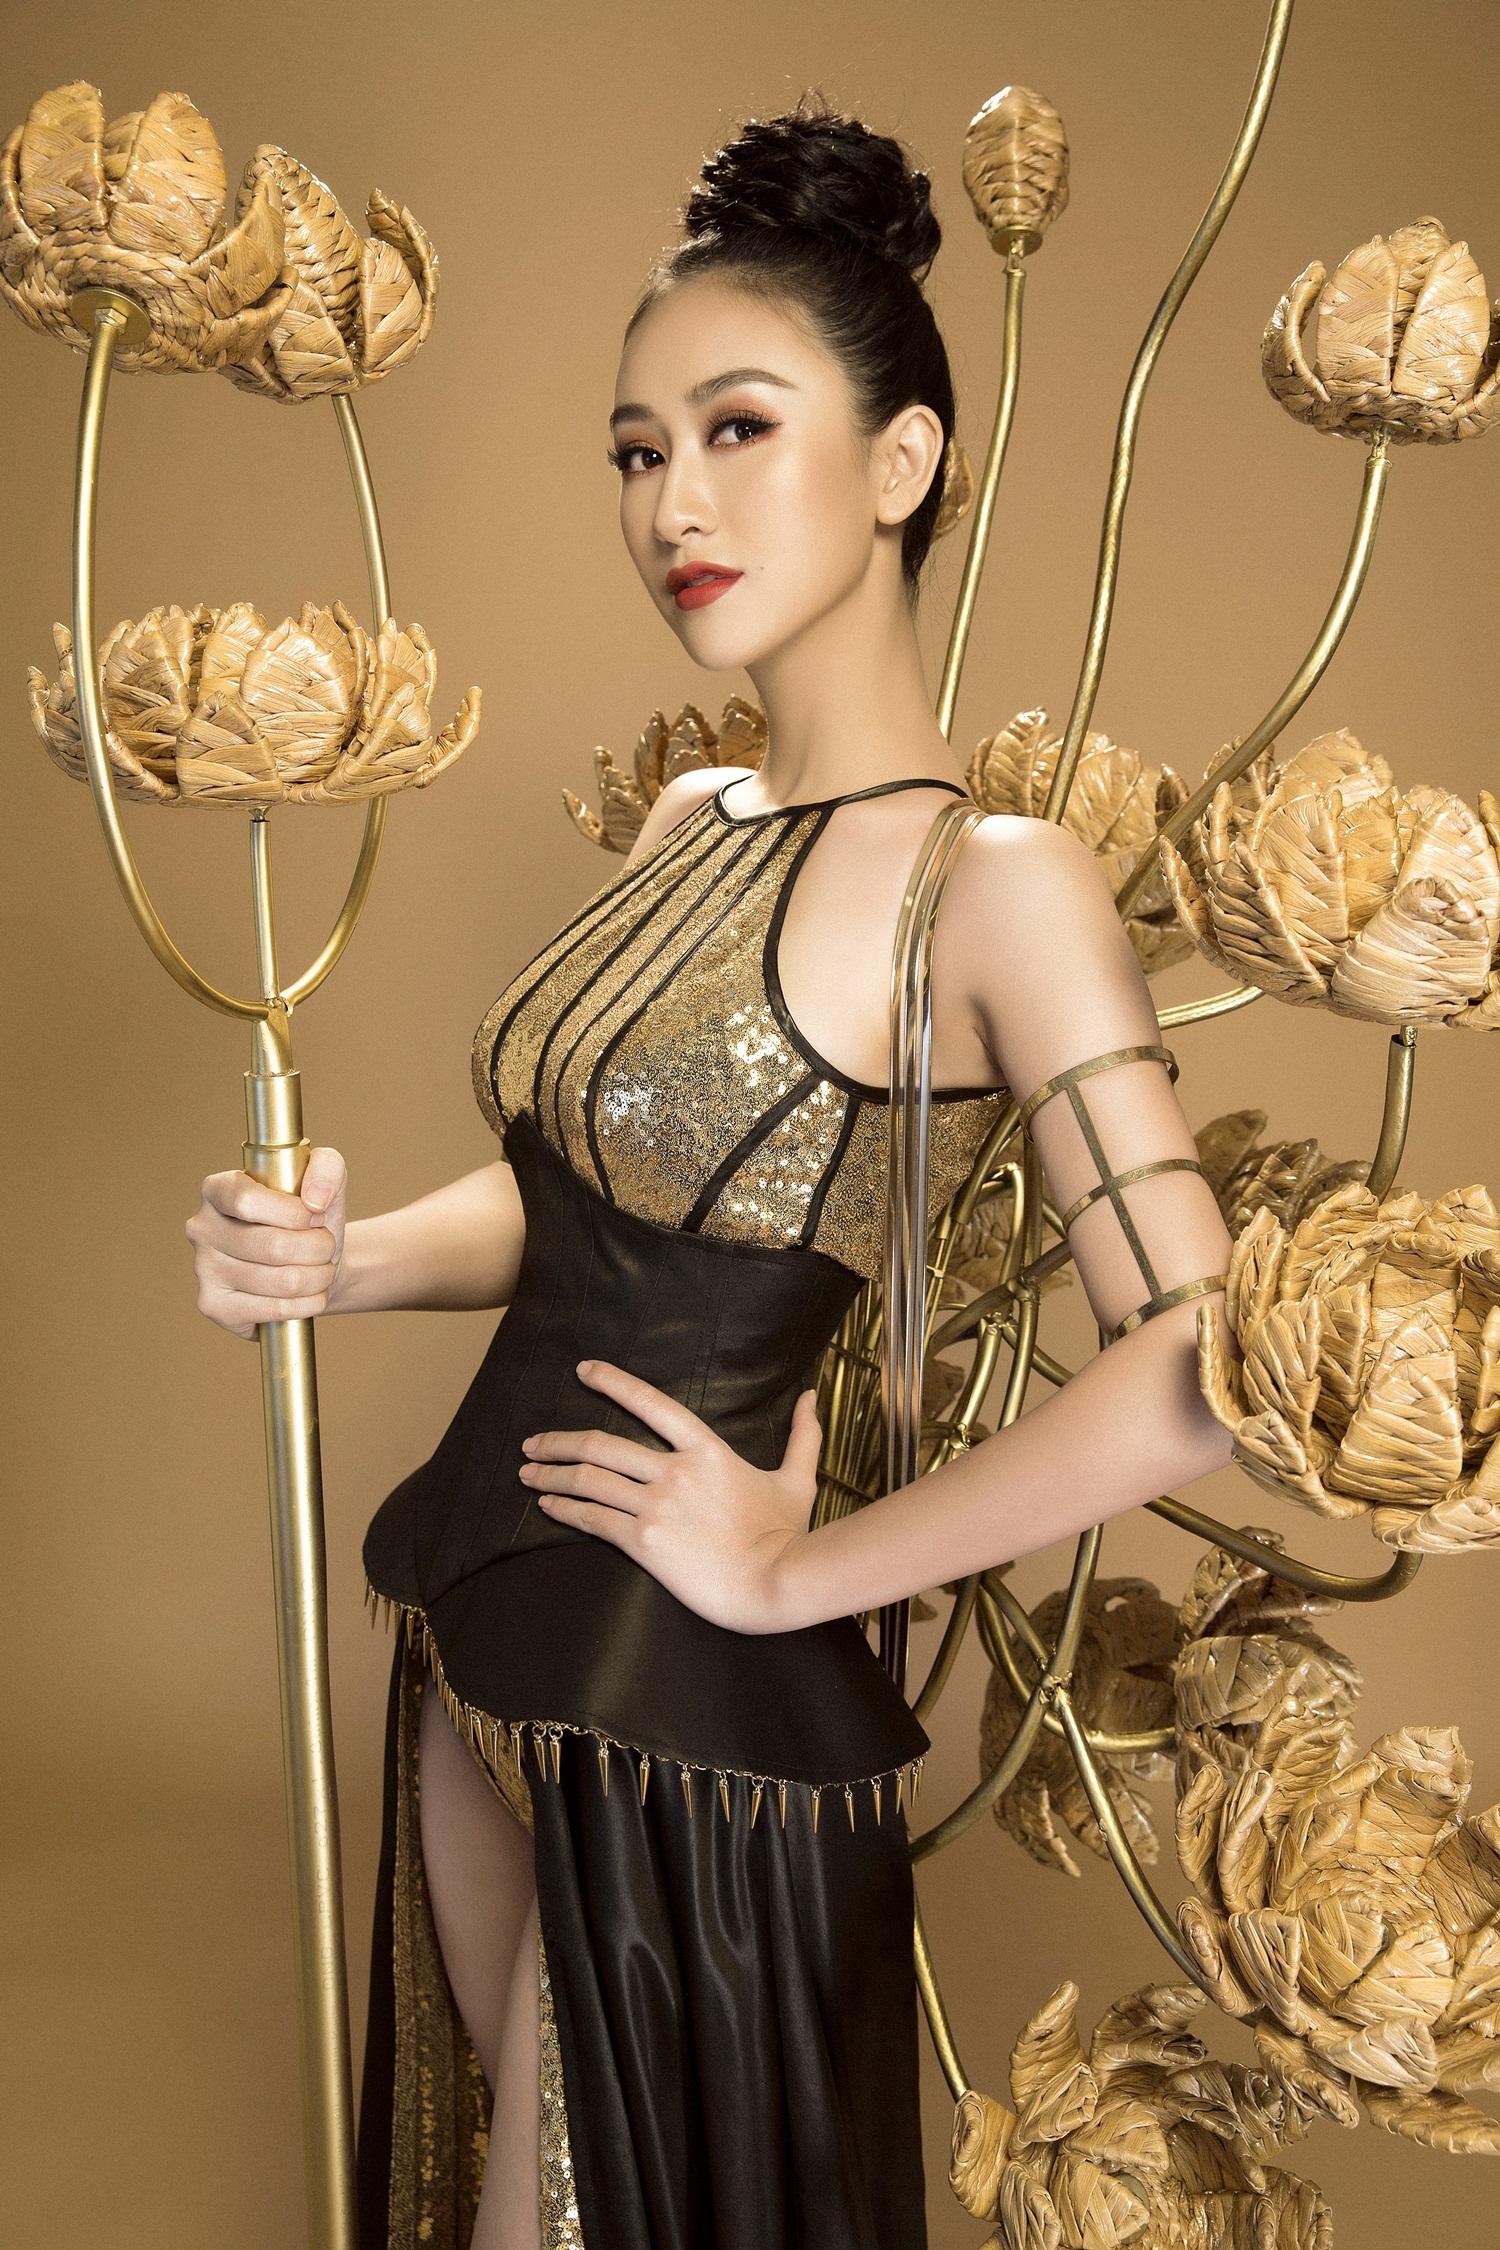 Không phải Áo dài, đây mới là trang phục truyền thống mà Hà Thu lựa chọn để tranh tài tại Miss Earth 2017 - Ảnh 4.